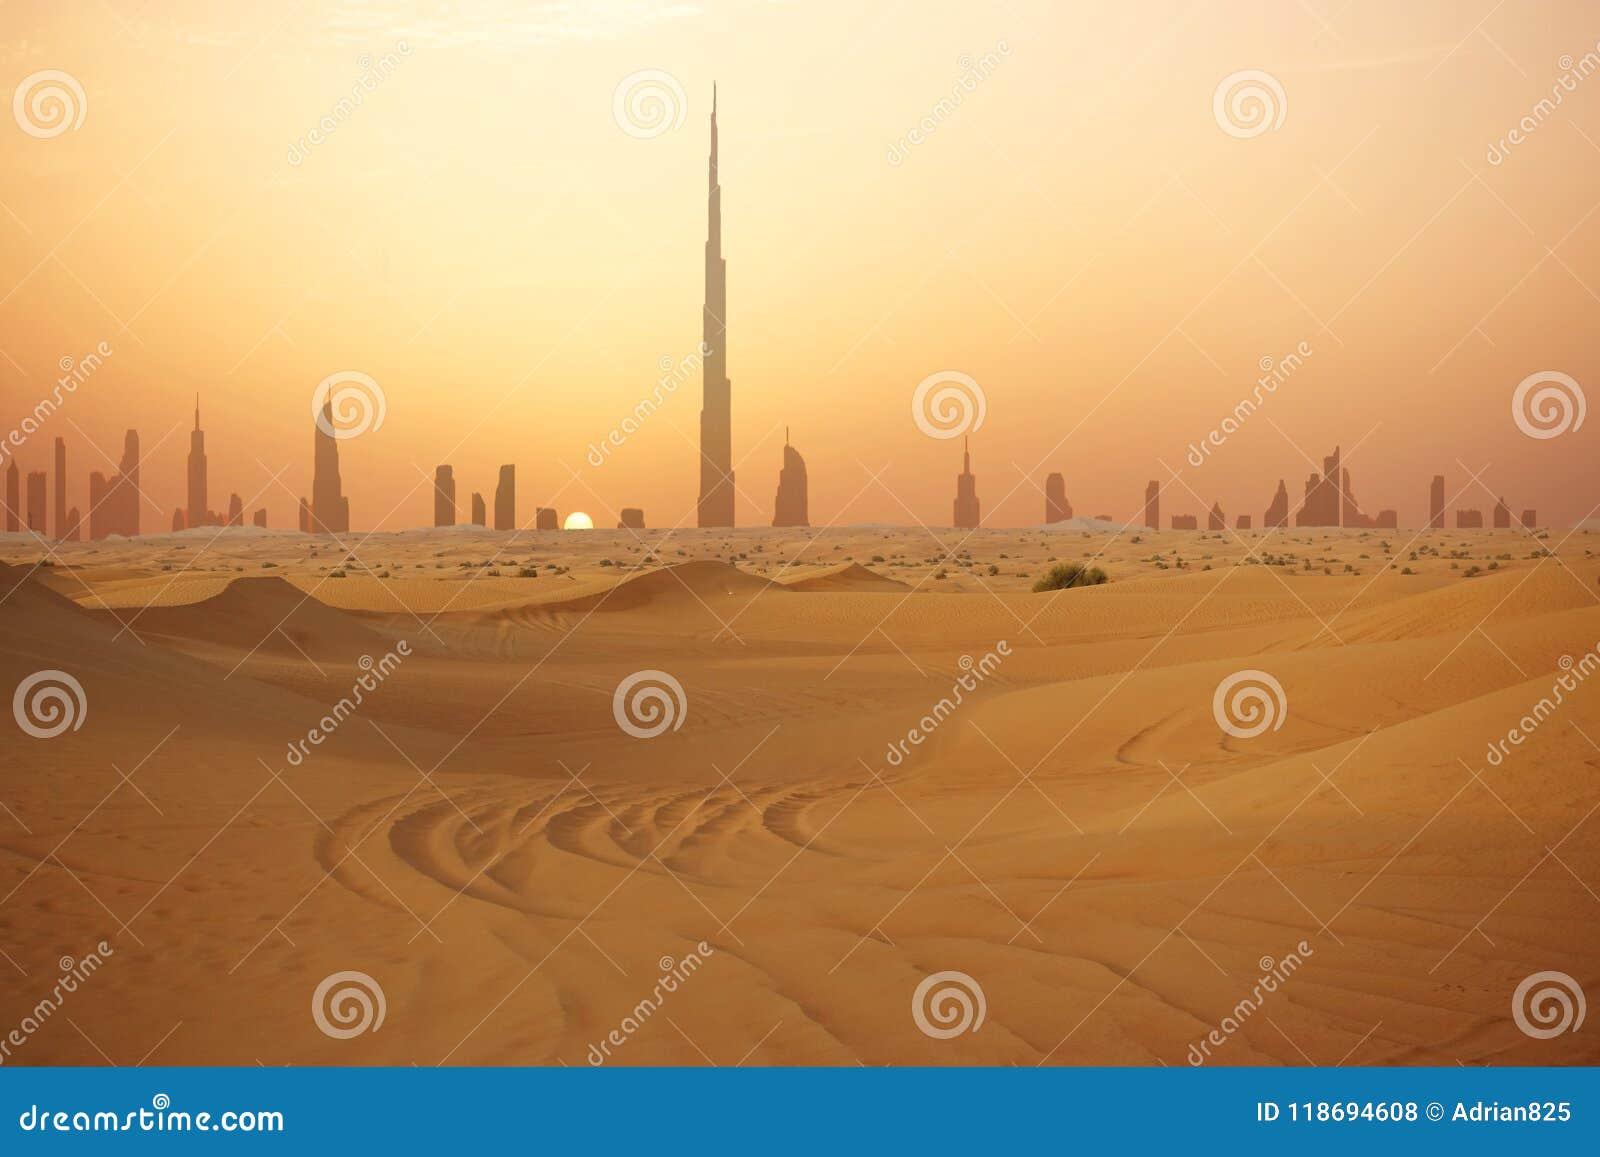 Horisont av Dubai på solnedgången eller skymning, sikt från arabisk öken